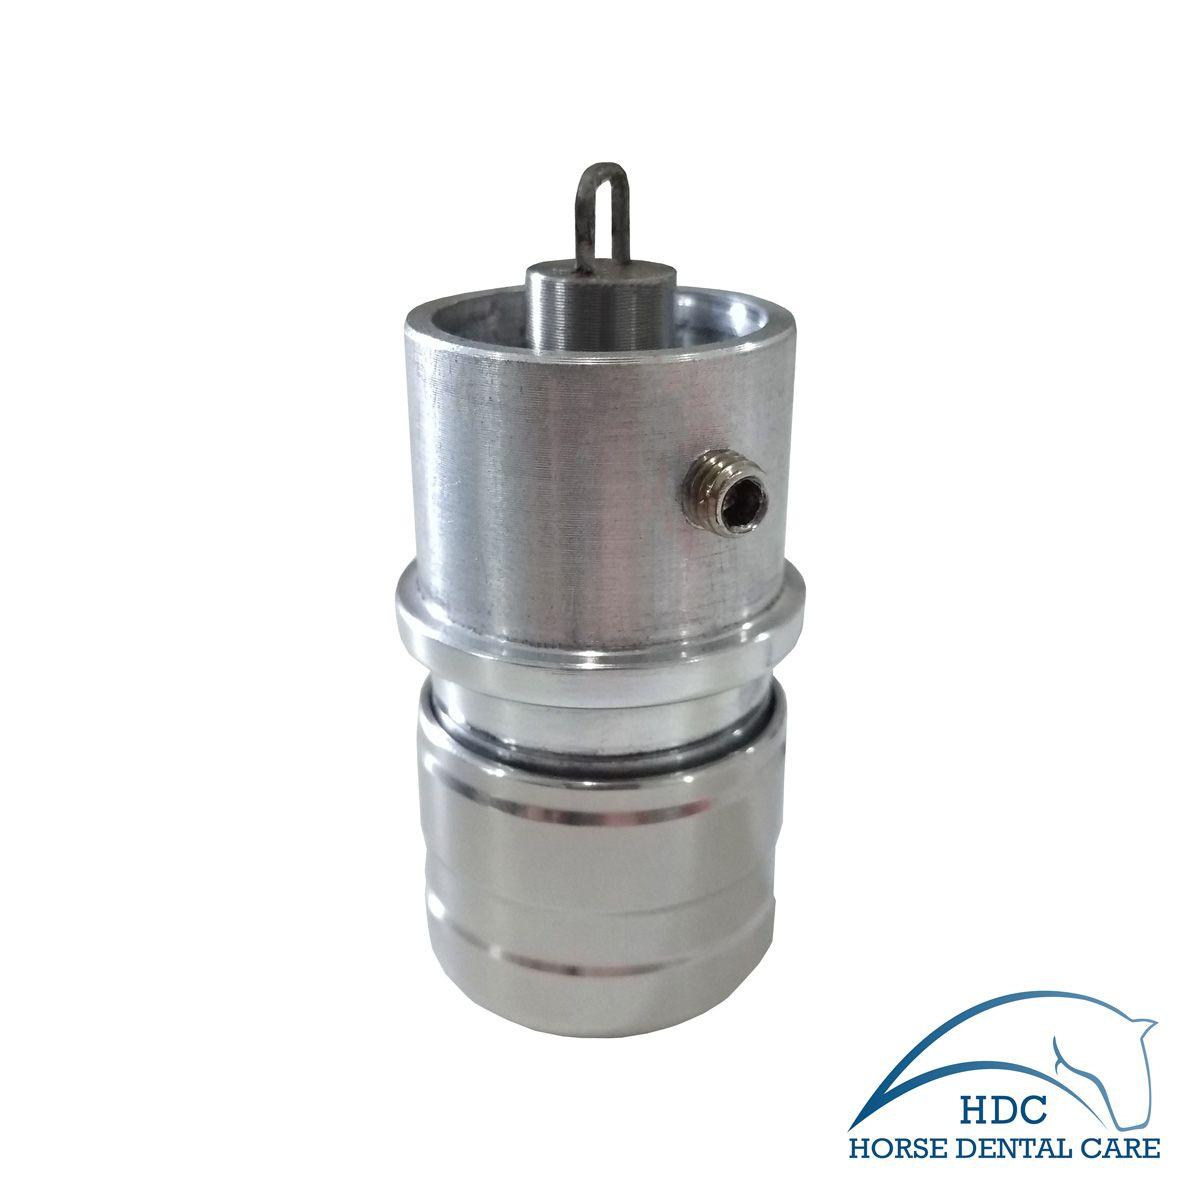 kit Caneta Disco EVO com Irrigação + Bomba D'água Elétrica